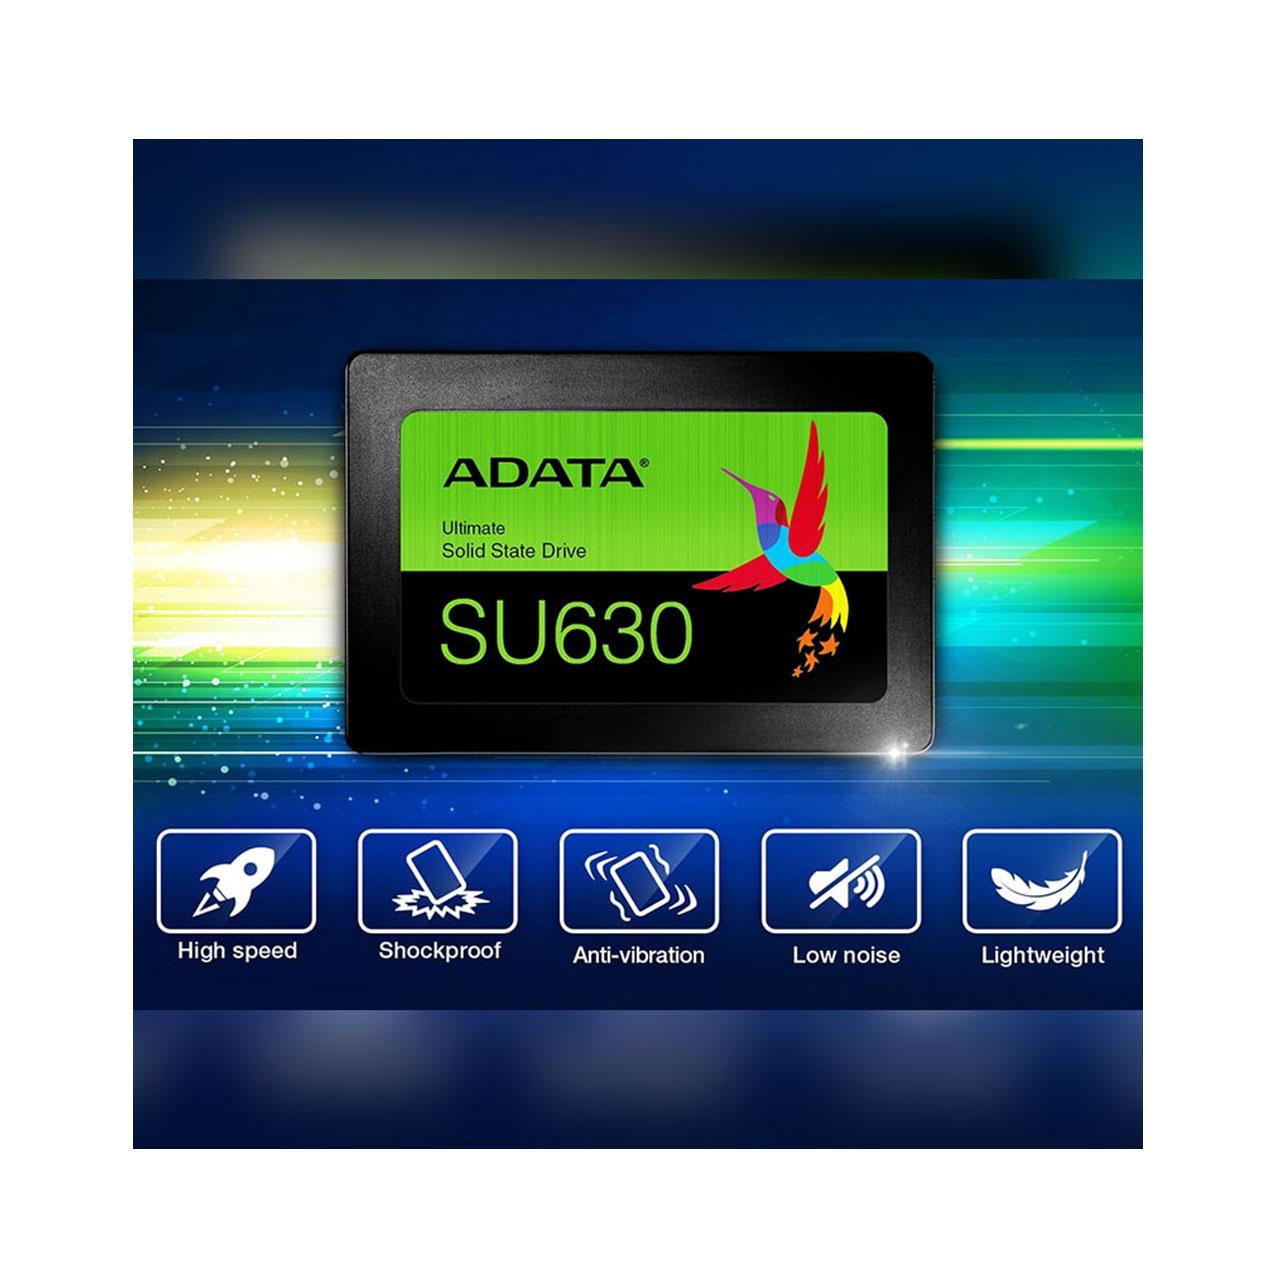 اس22-اس-دی-اینترنال-ای-دیتا-مدل-Ultimate33-SU630-ظرفیت-240-گیگابایت